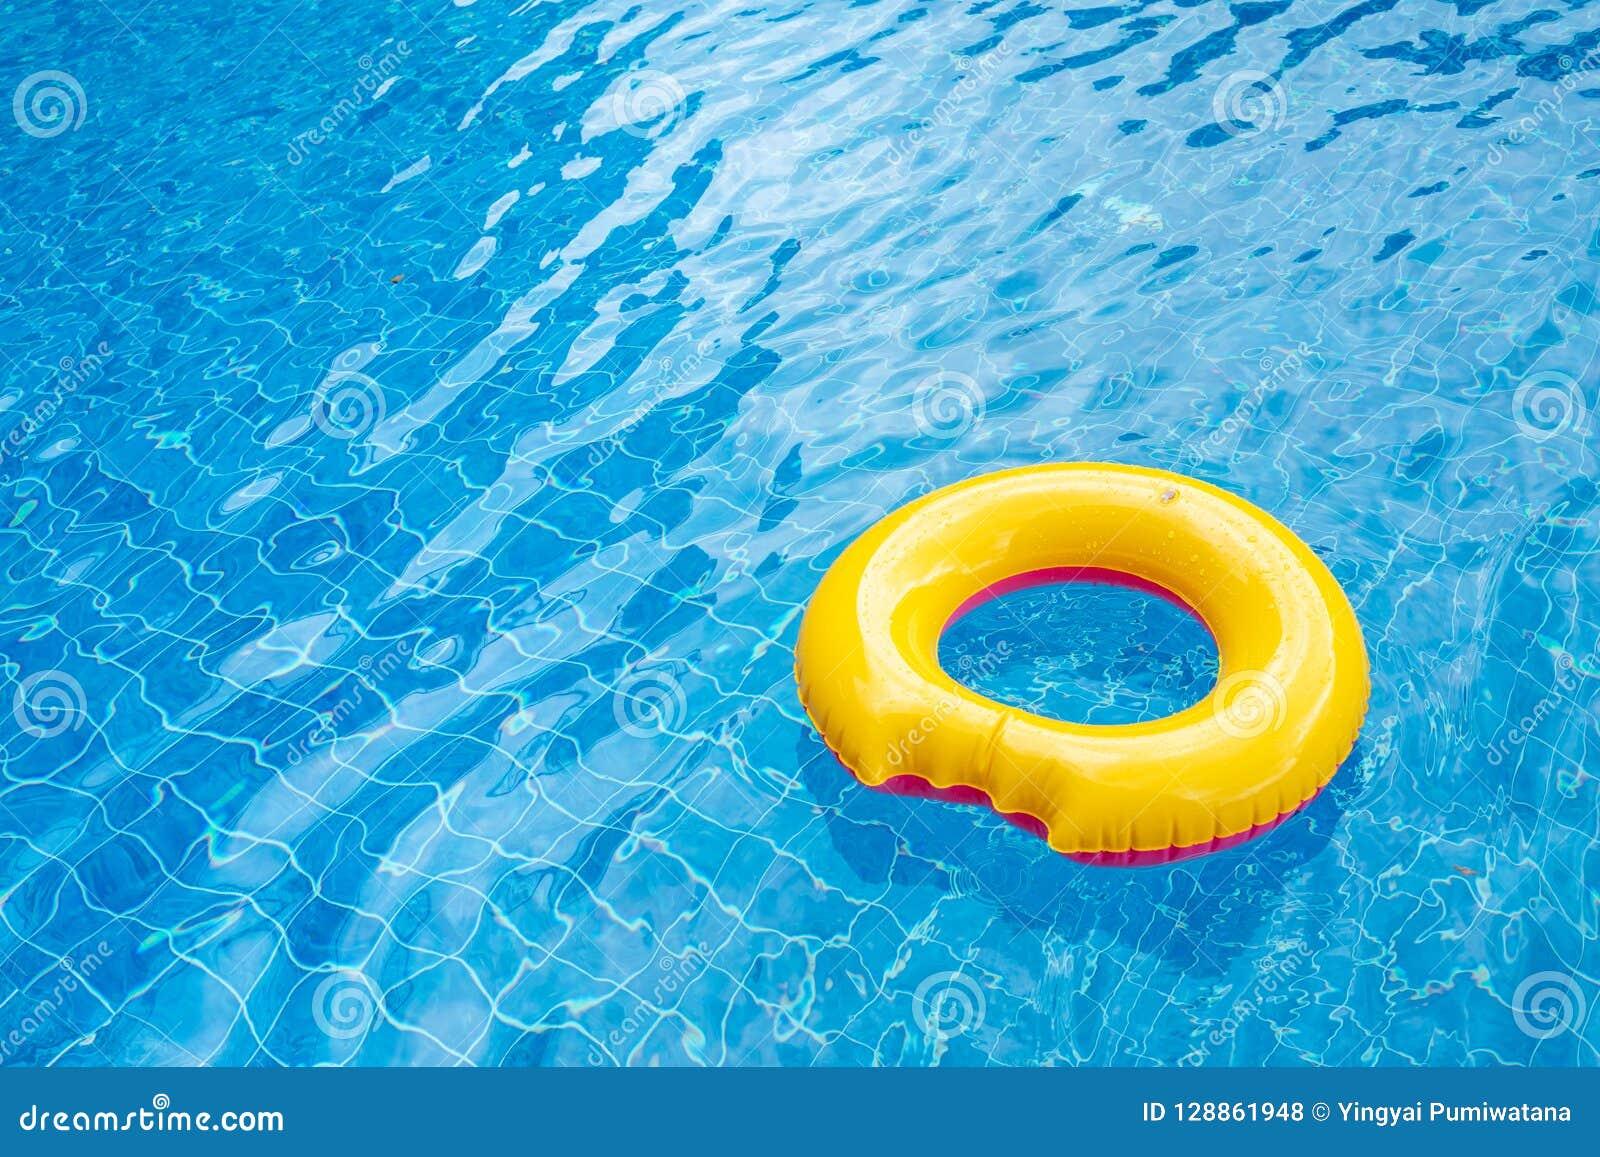 Dia ensolarado na associação Flutuador amarelo brilhante na piscina azul,